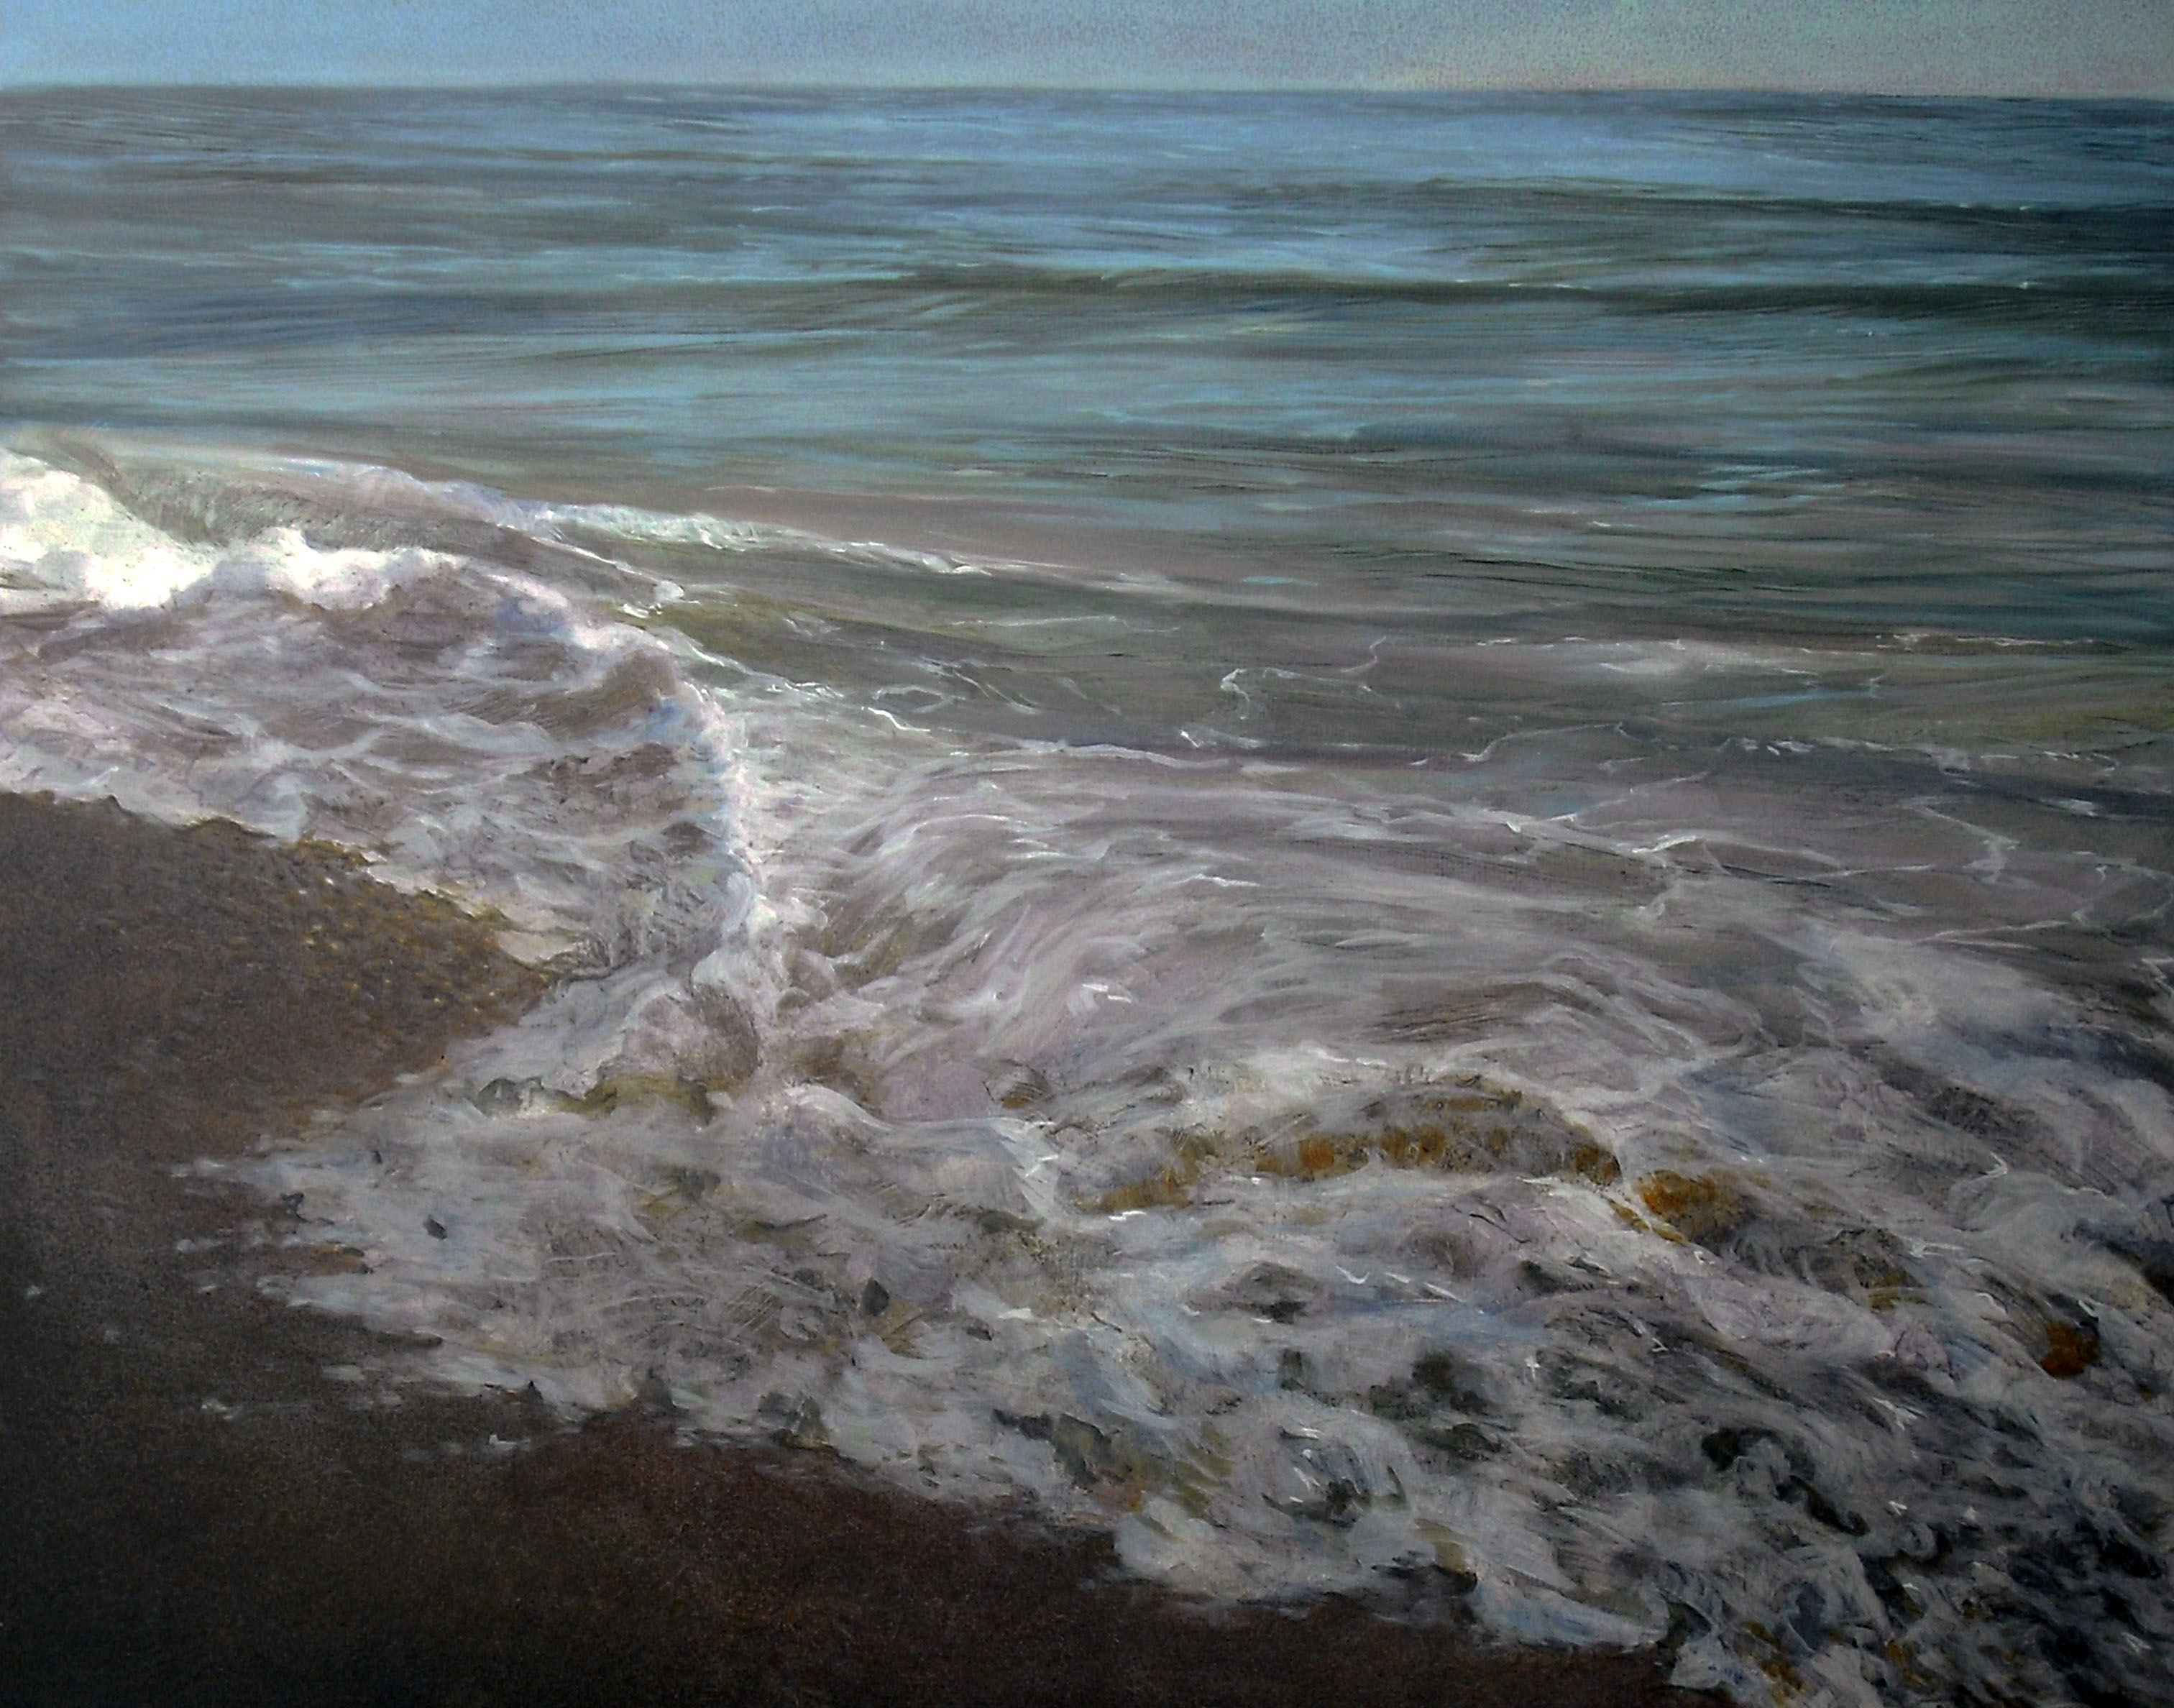 Horseshoe Wave